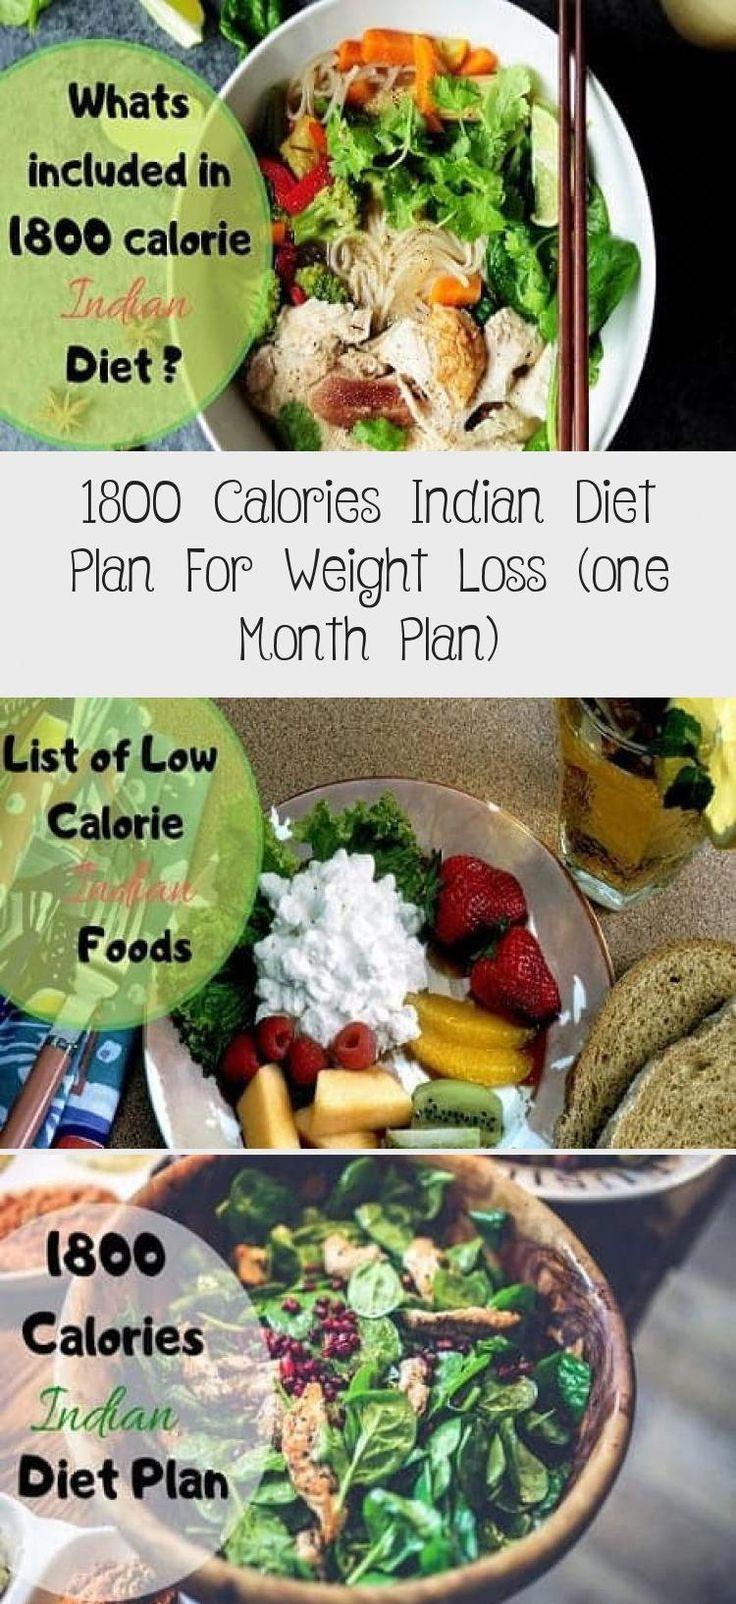 Ketogenic Diet Plan Tips For Beginners